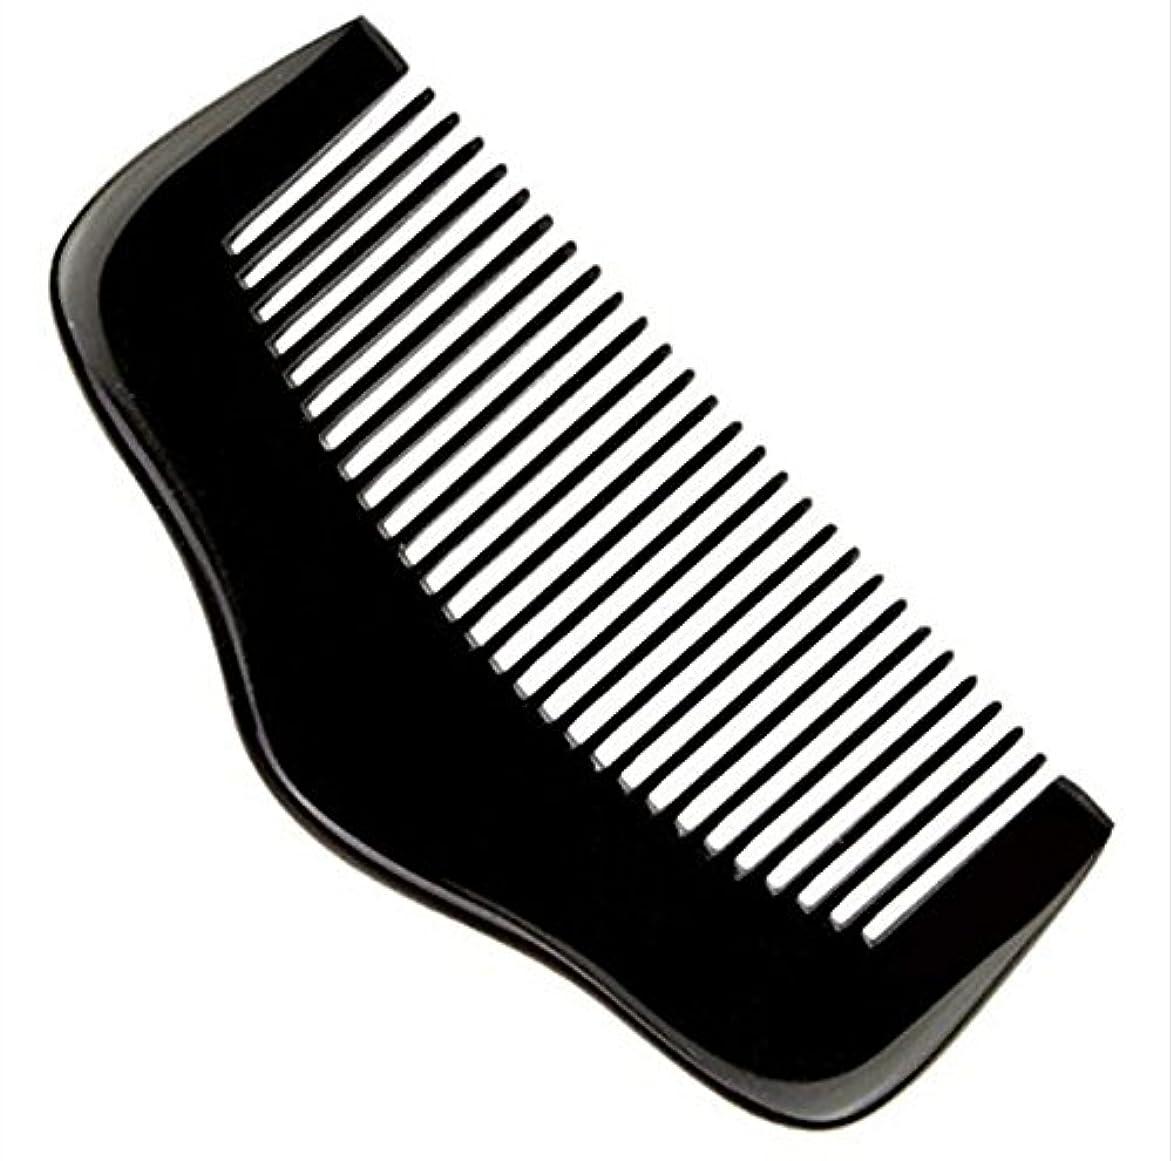 軍団冊子同一の櫛型 プロも使う牛角かっさプレート マサージ用 血行改善 高級 天然 静電気 防止 美髪美顔 ボディ リンパマッサージ